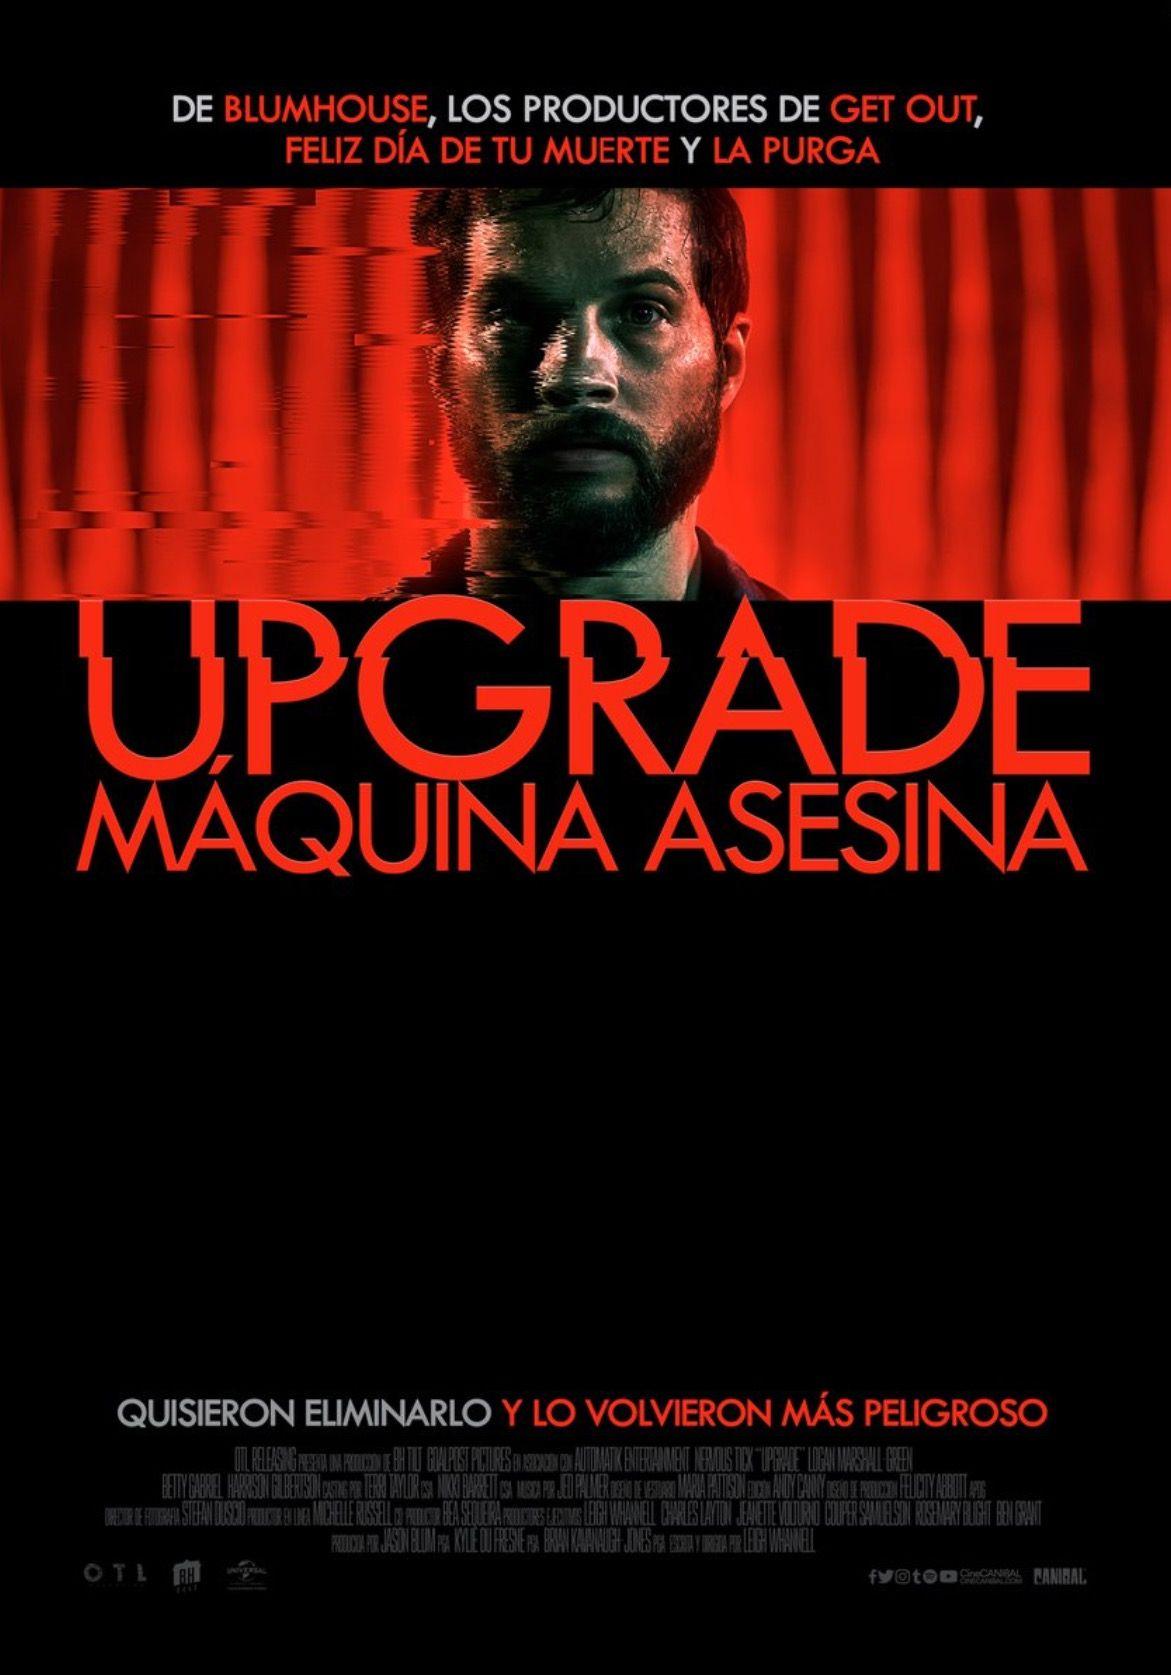 Upgrade Ilimitado Upgrade 2018 Películas Completas Películas En Inglés Ver Peliculas Online